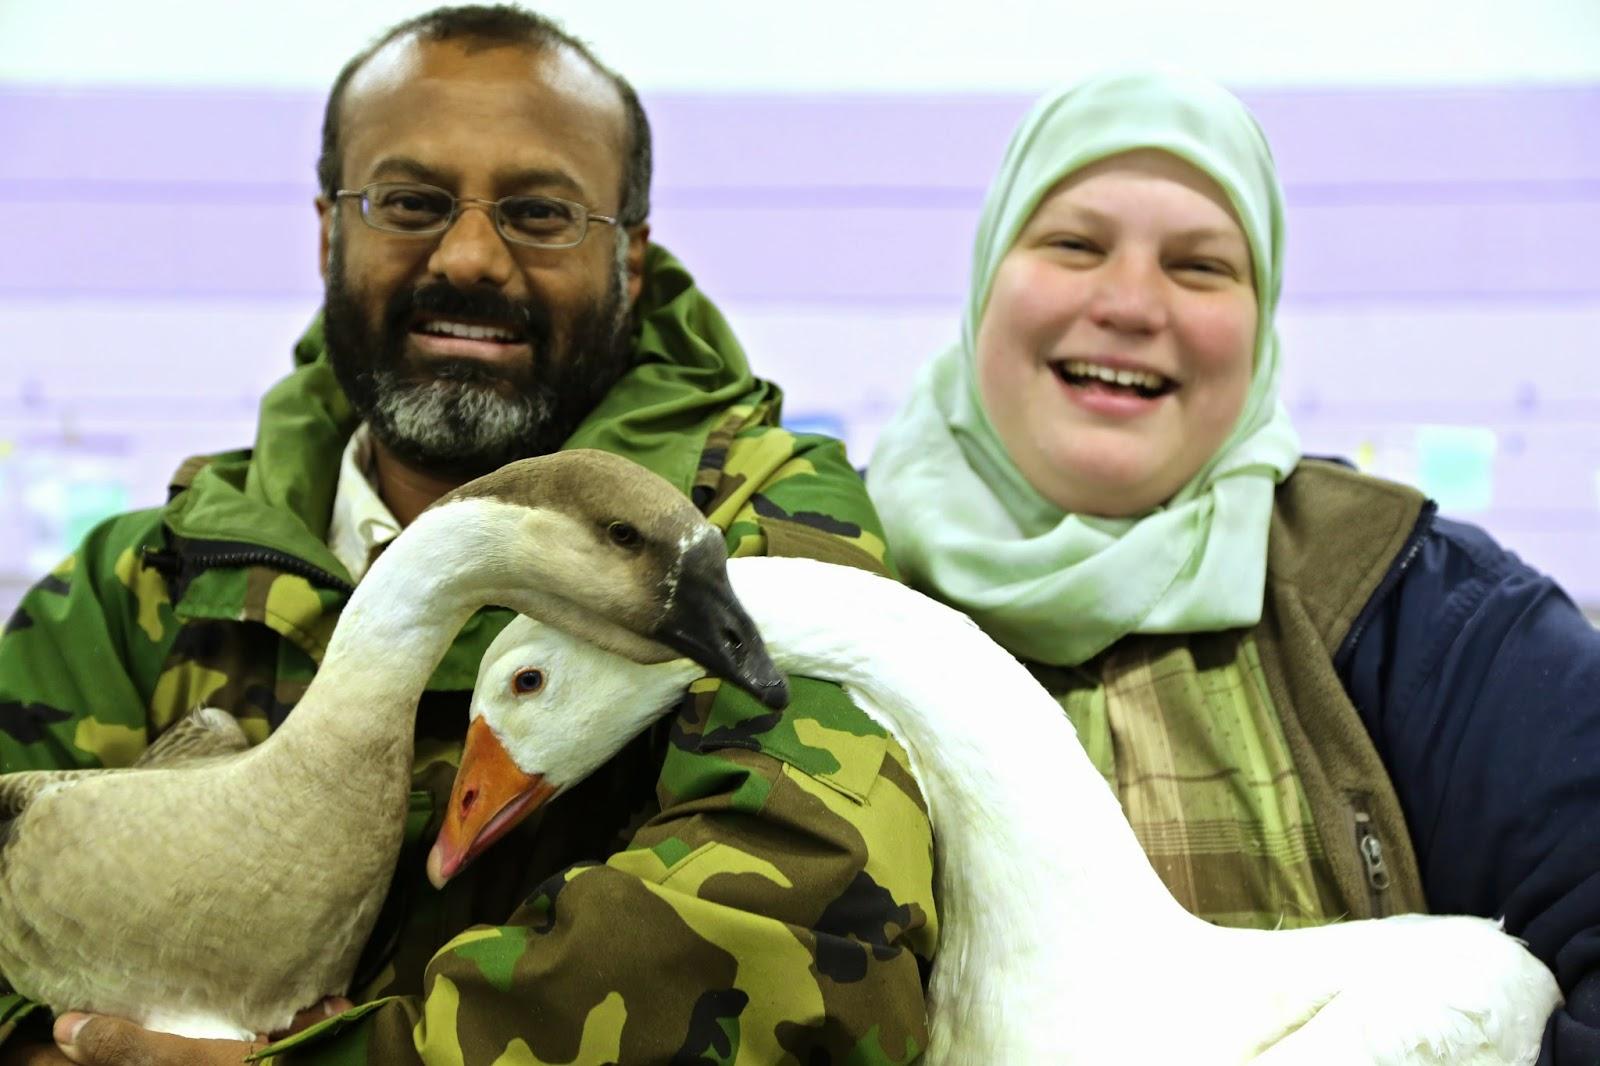 Geese breeders, Alaska, Muslims in Alaska